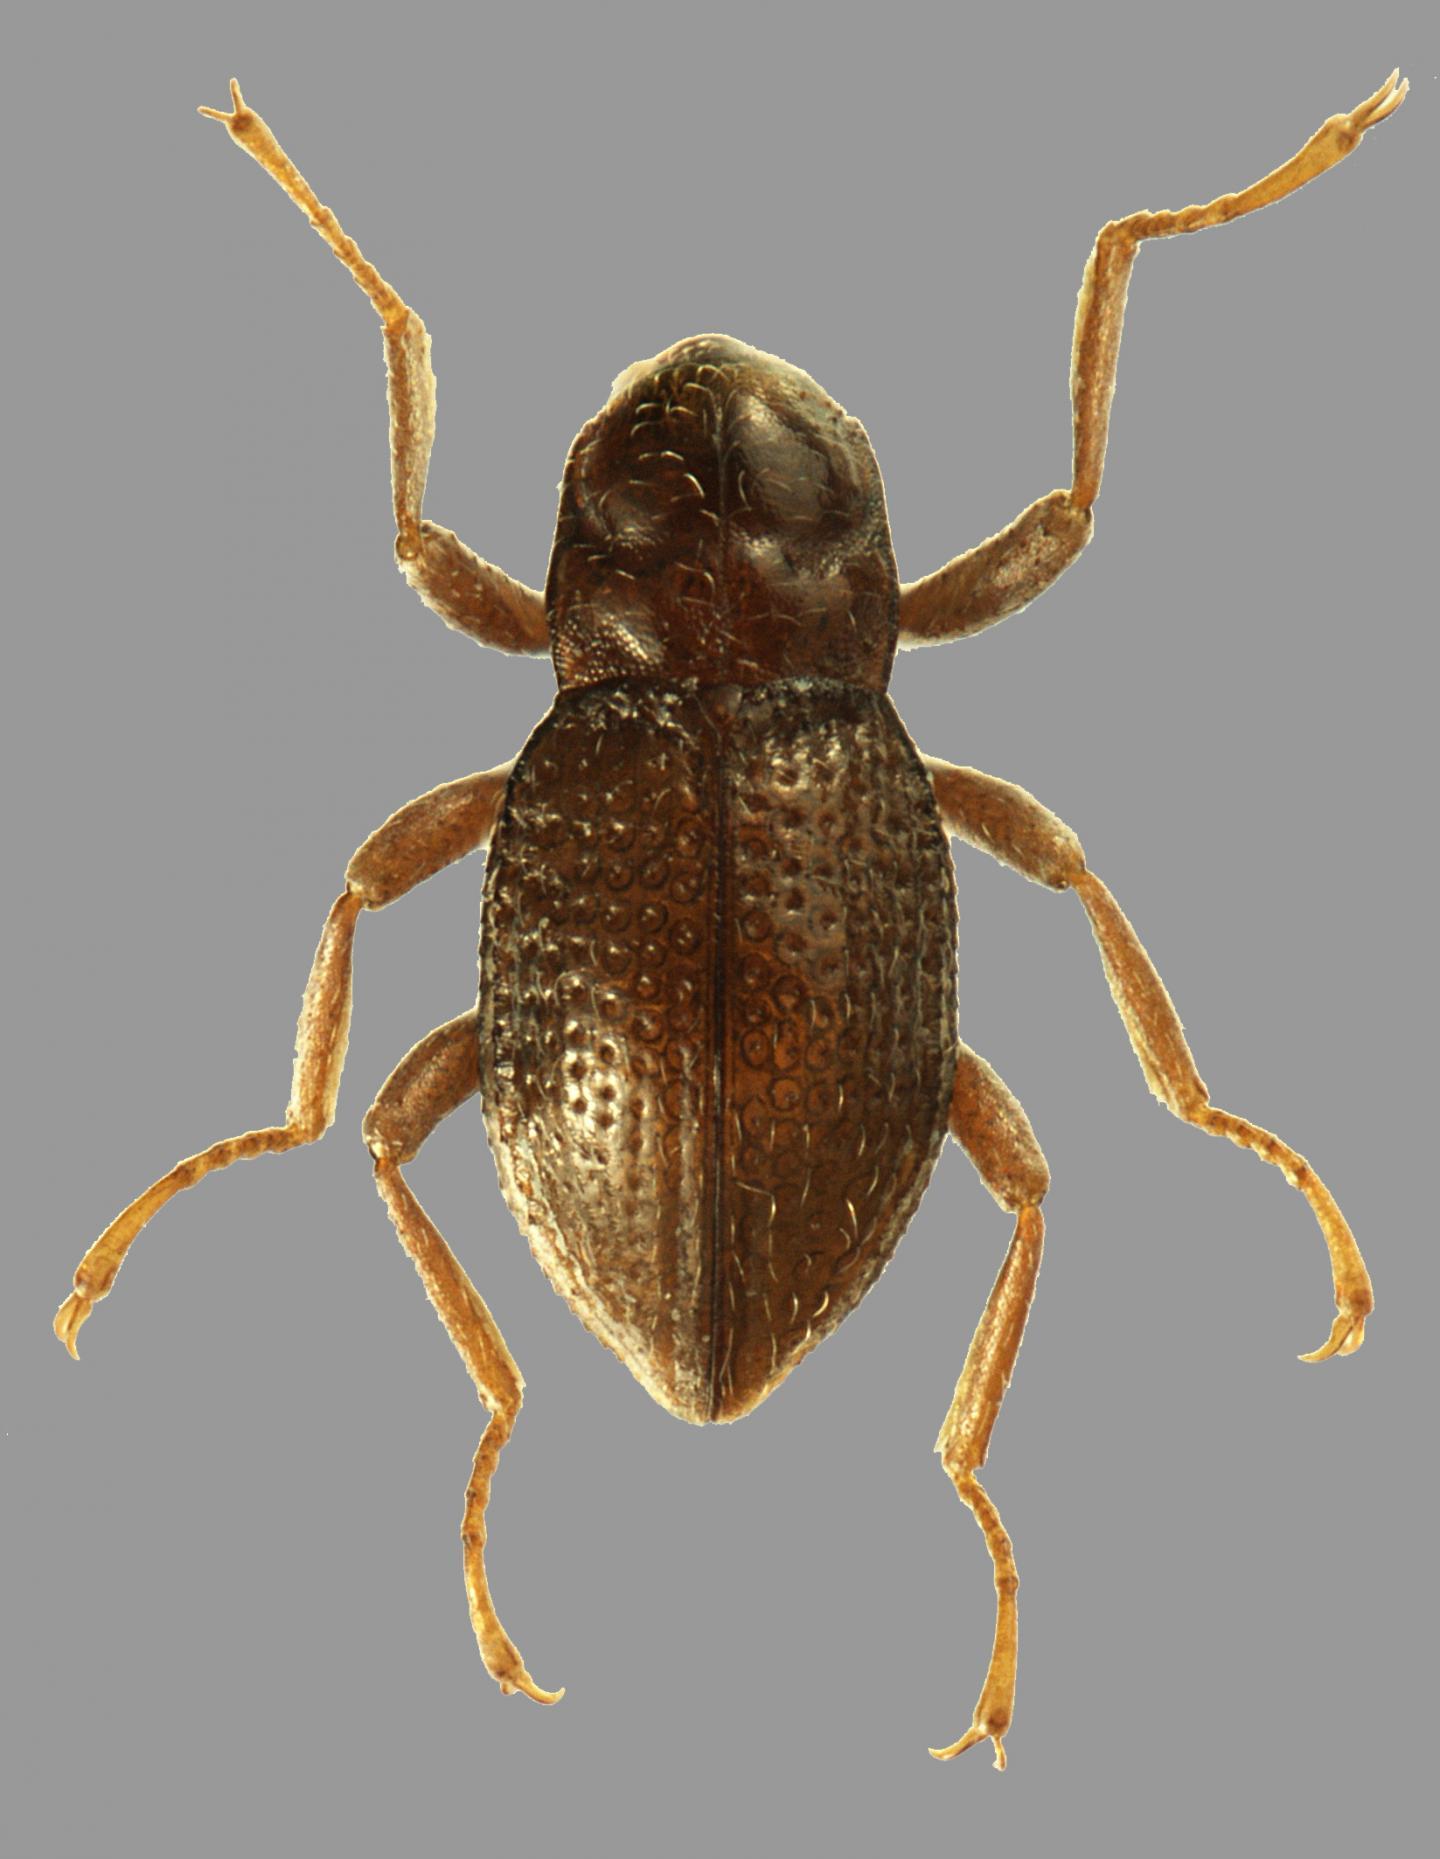 Adult of Podonychus gyobu sp. nov.